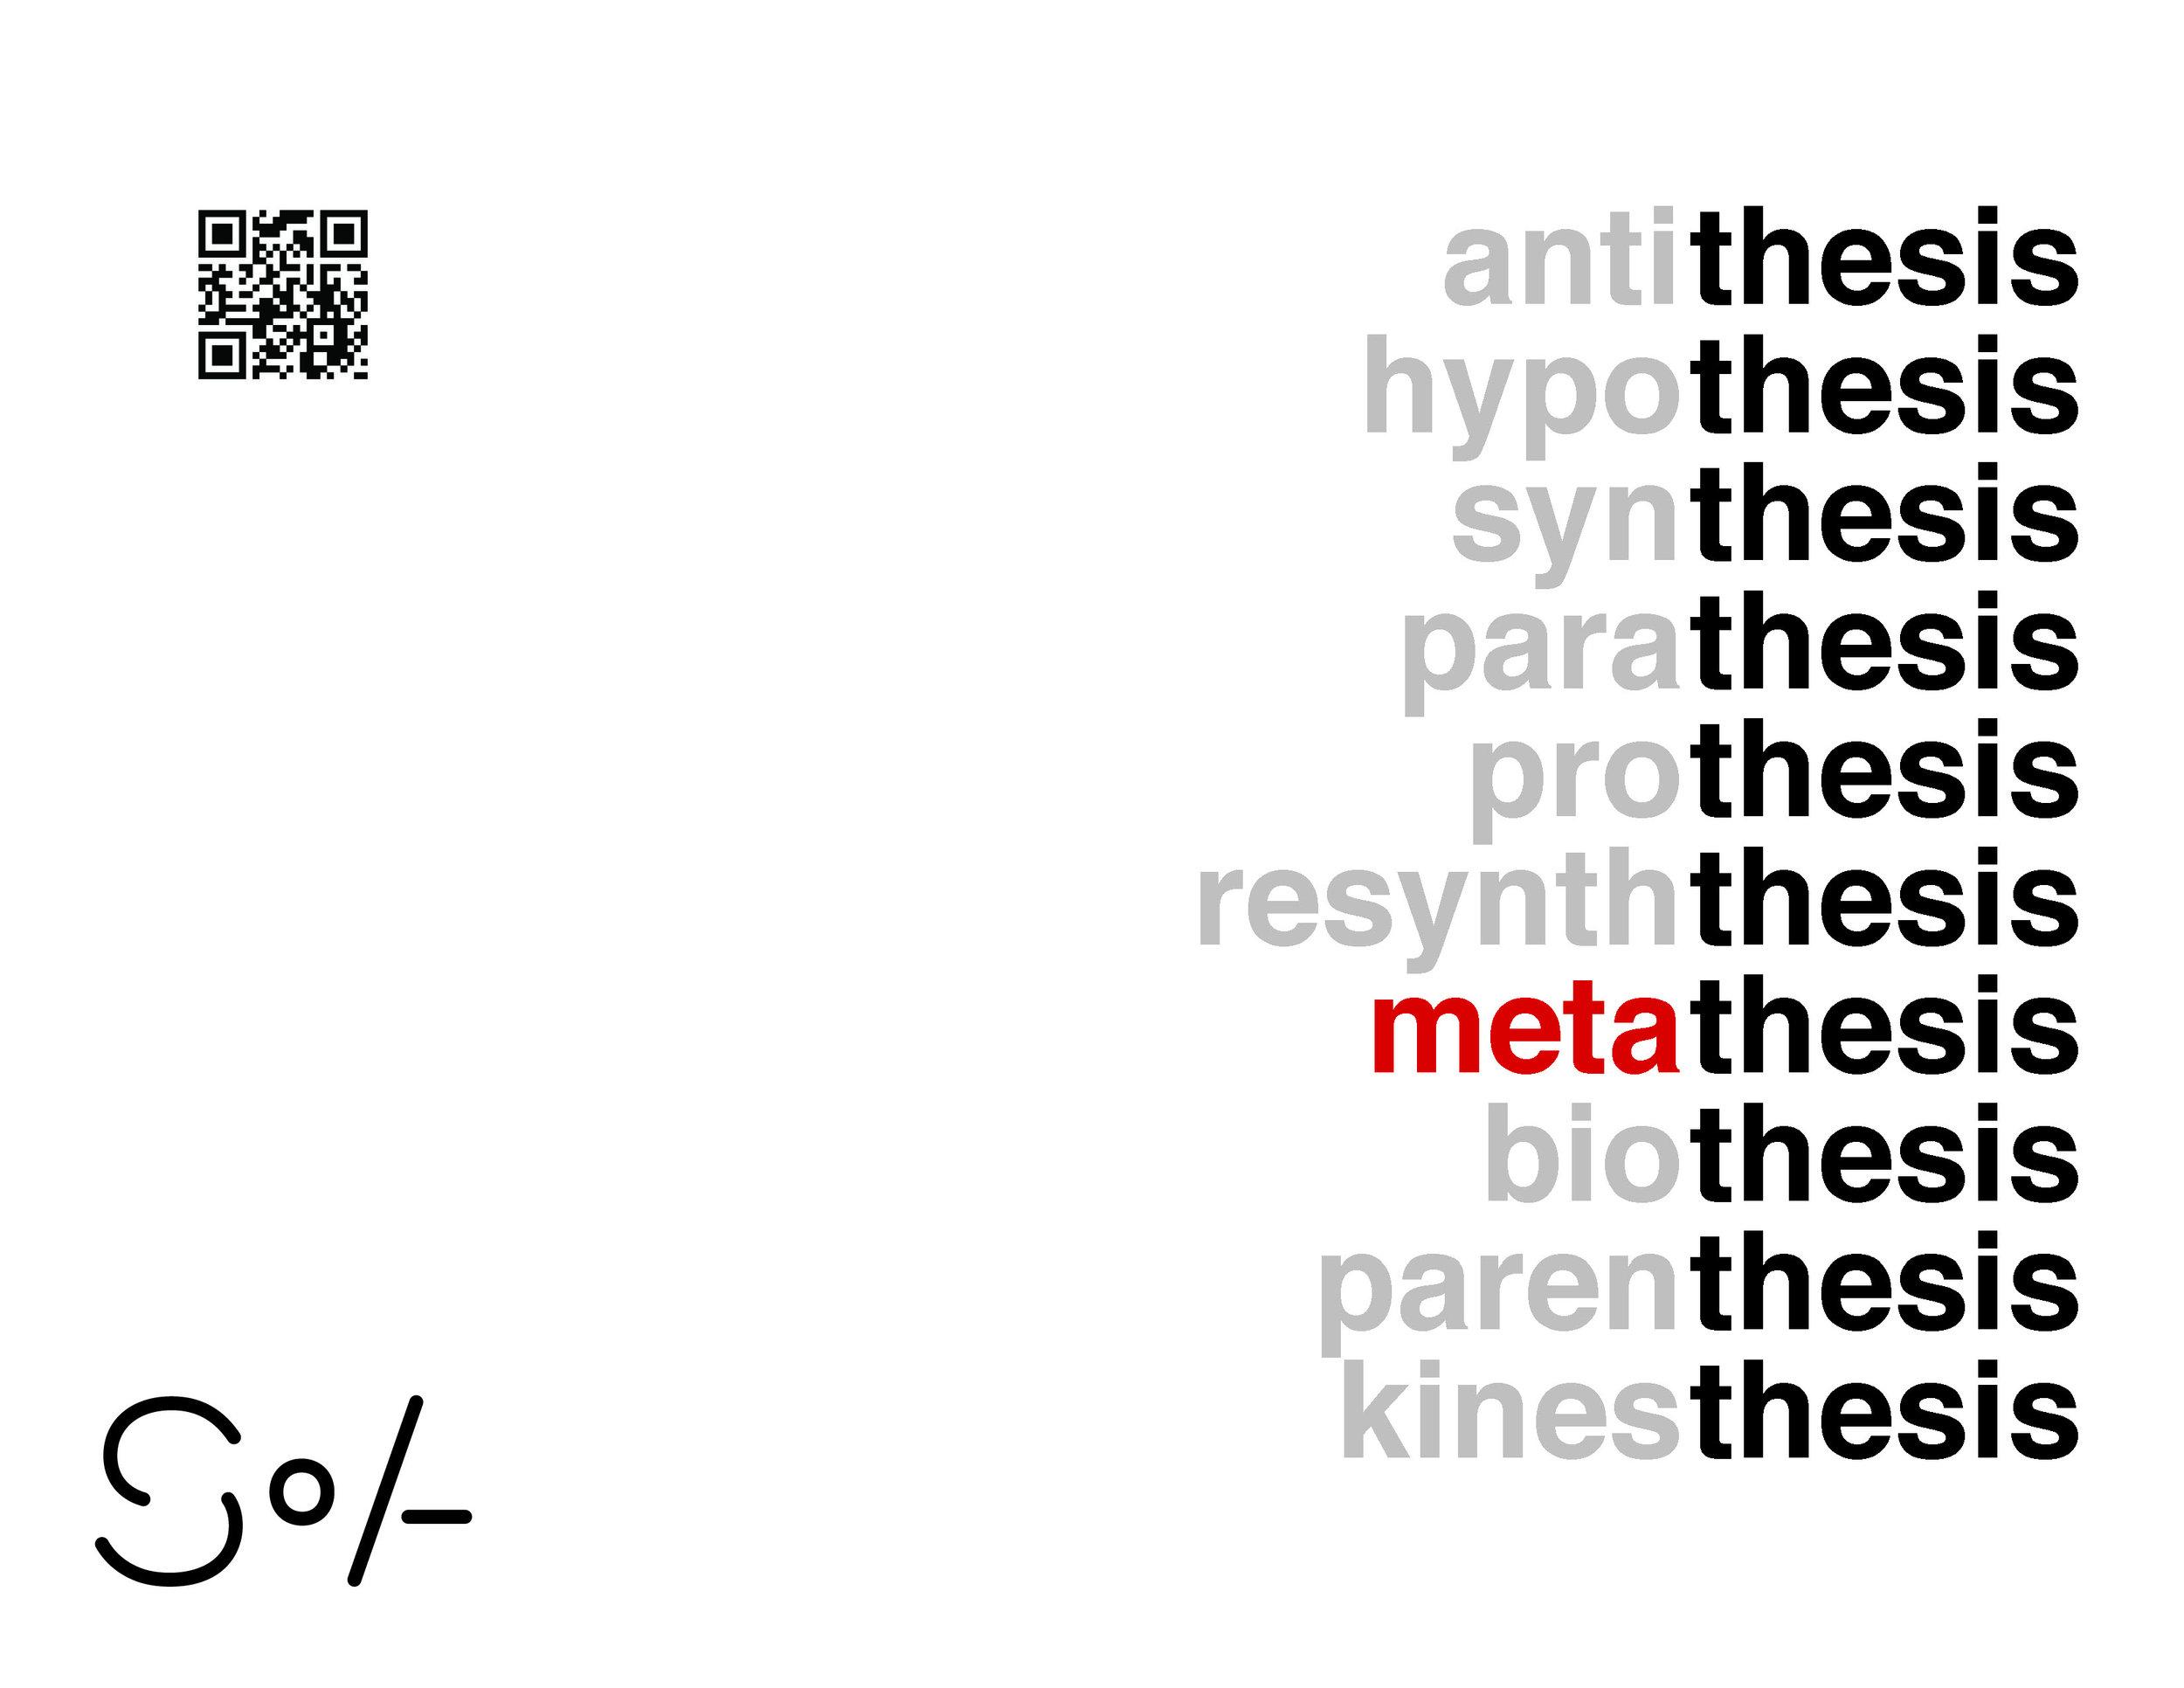 MetaThesis2019_GalleryGuide_Page_01.jpg